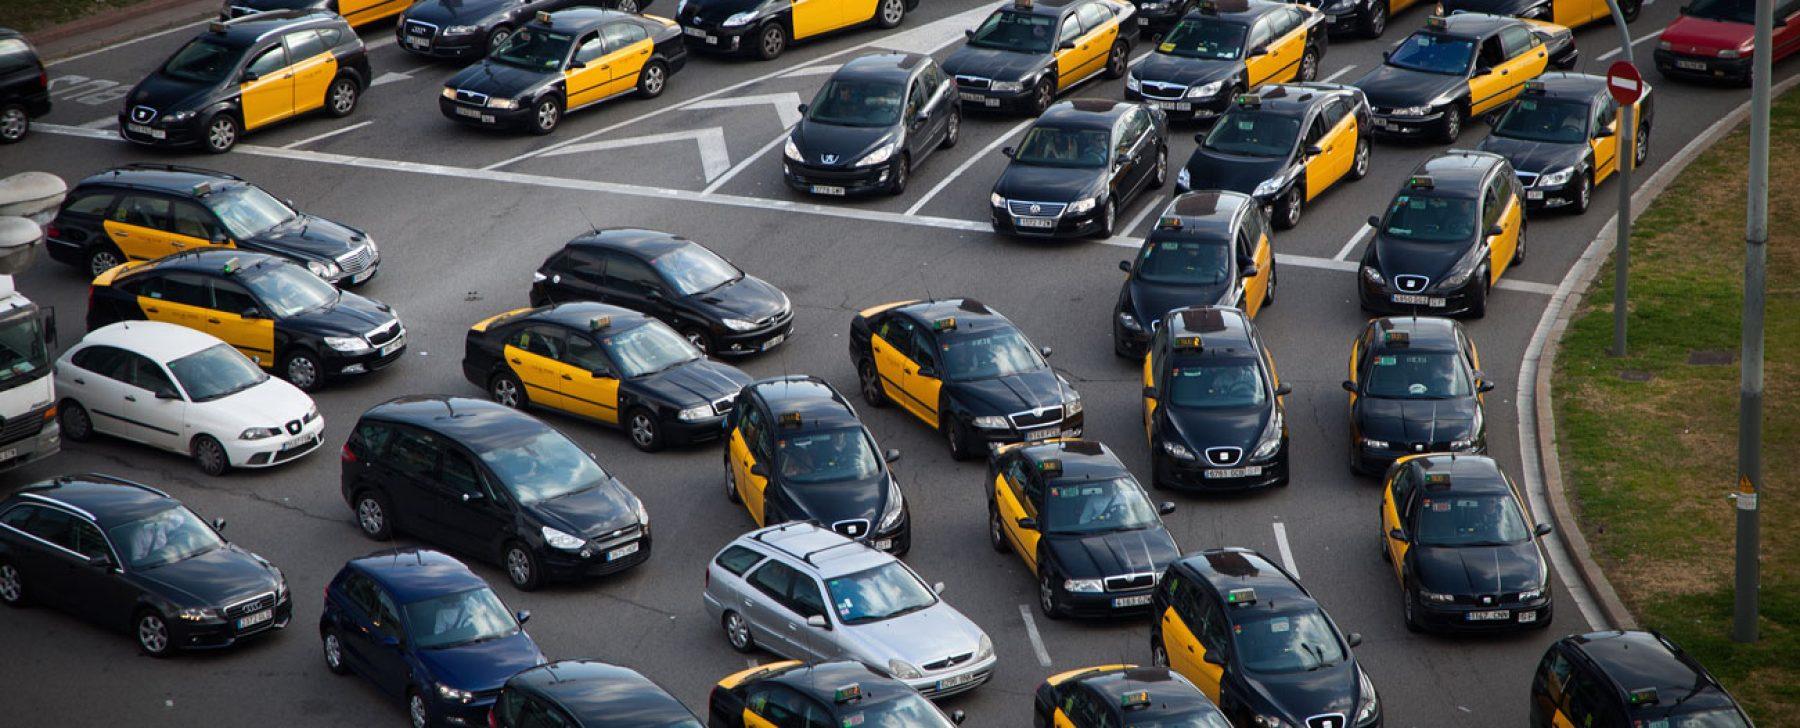 ciudad más congestionada